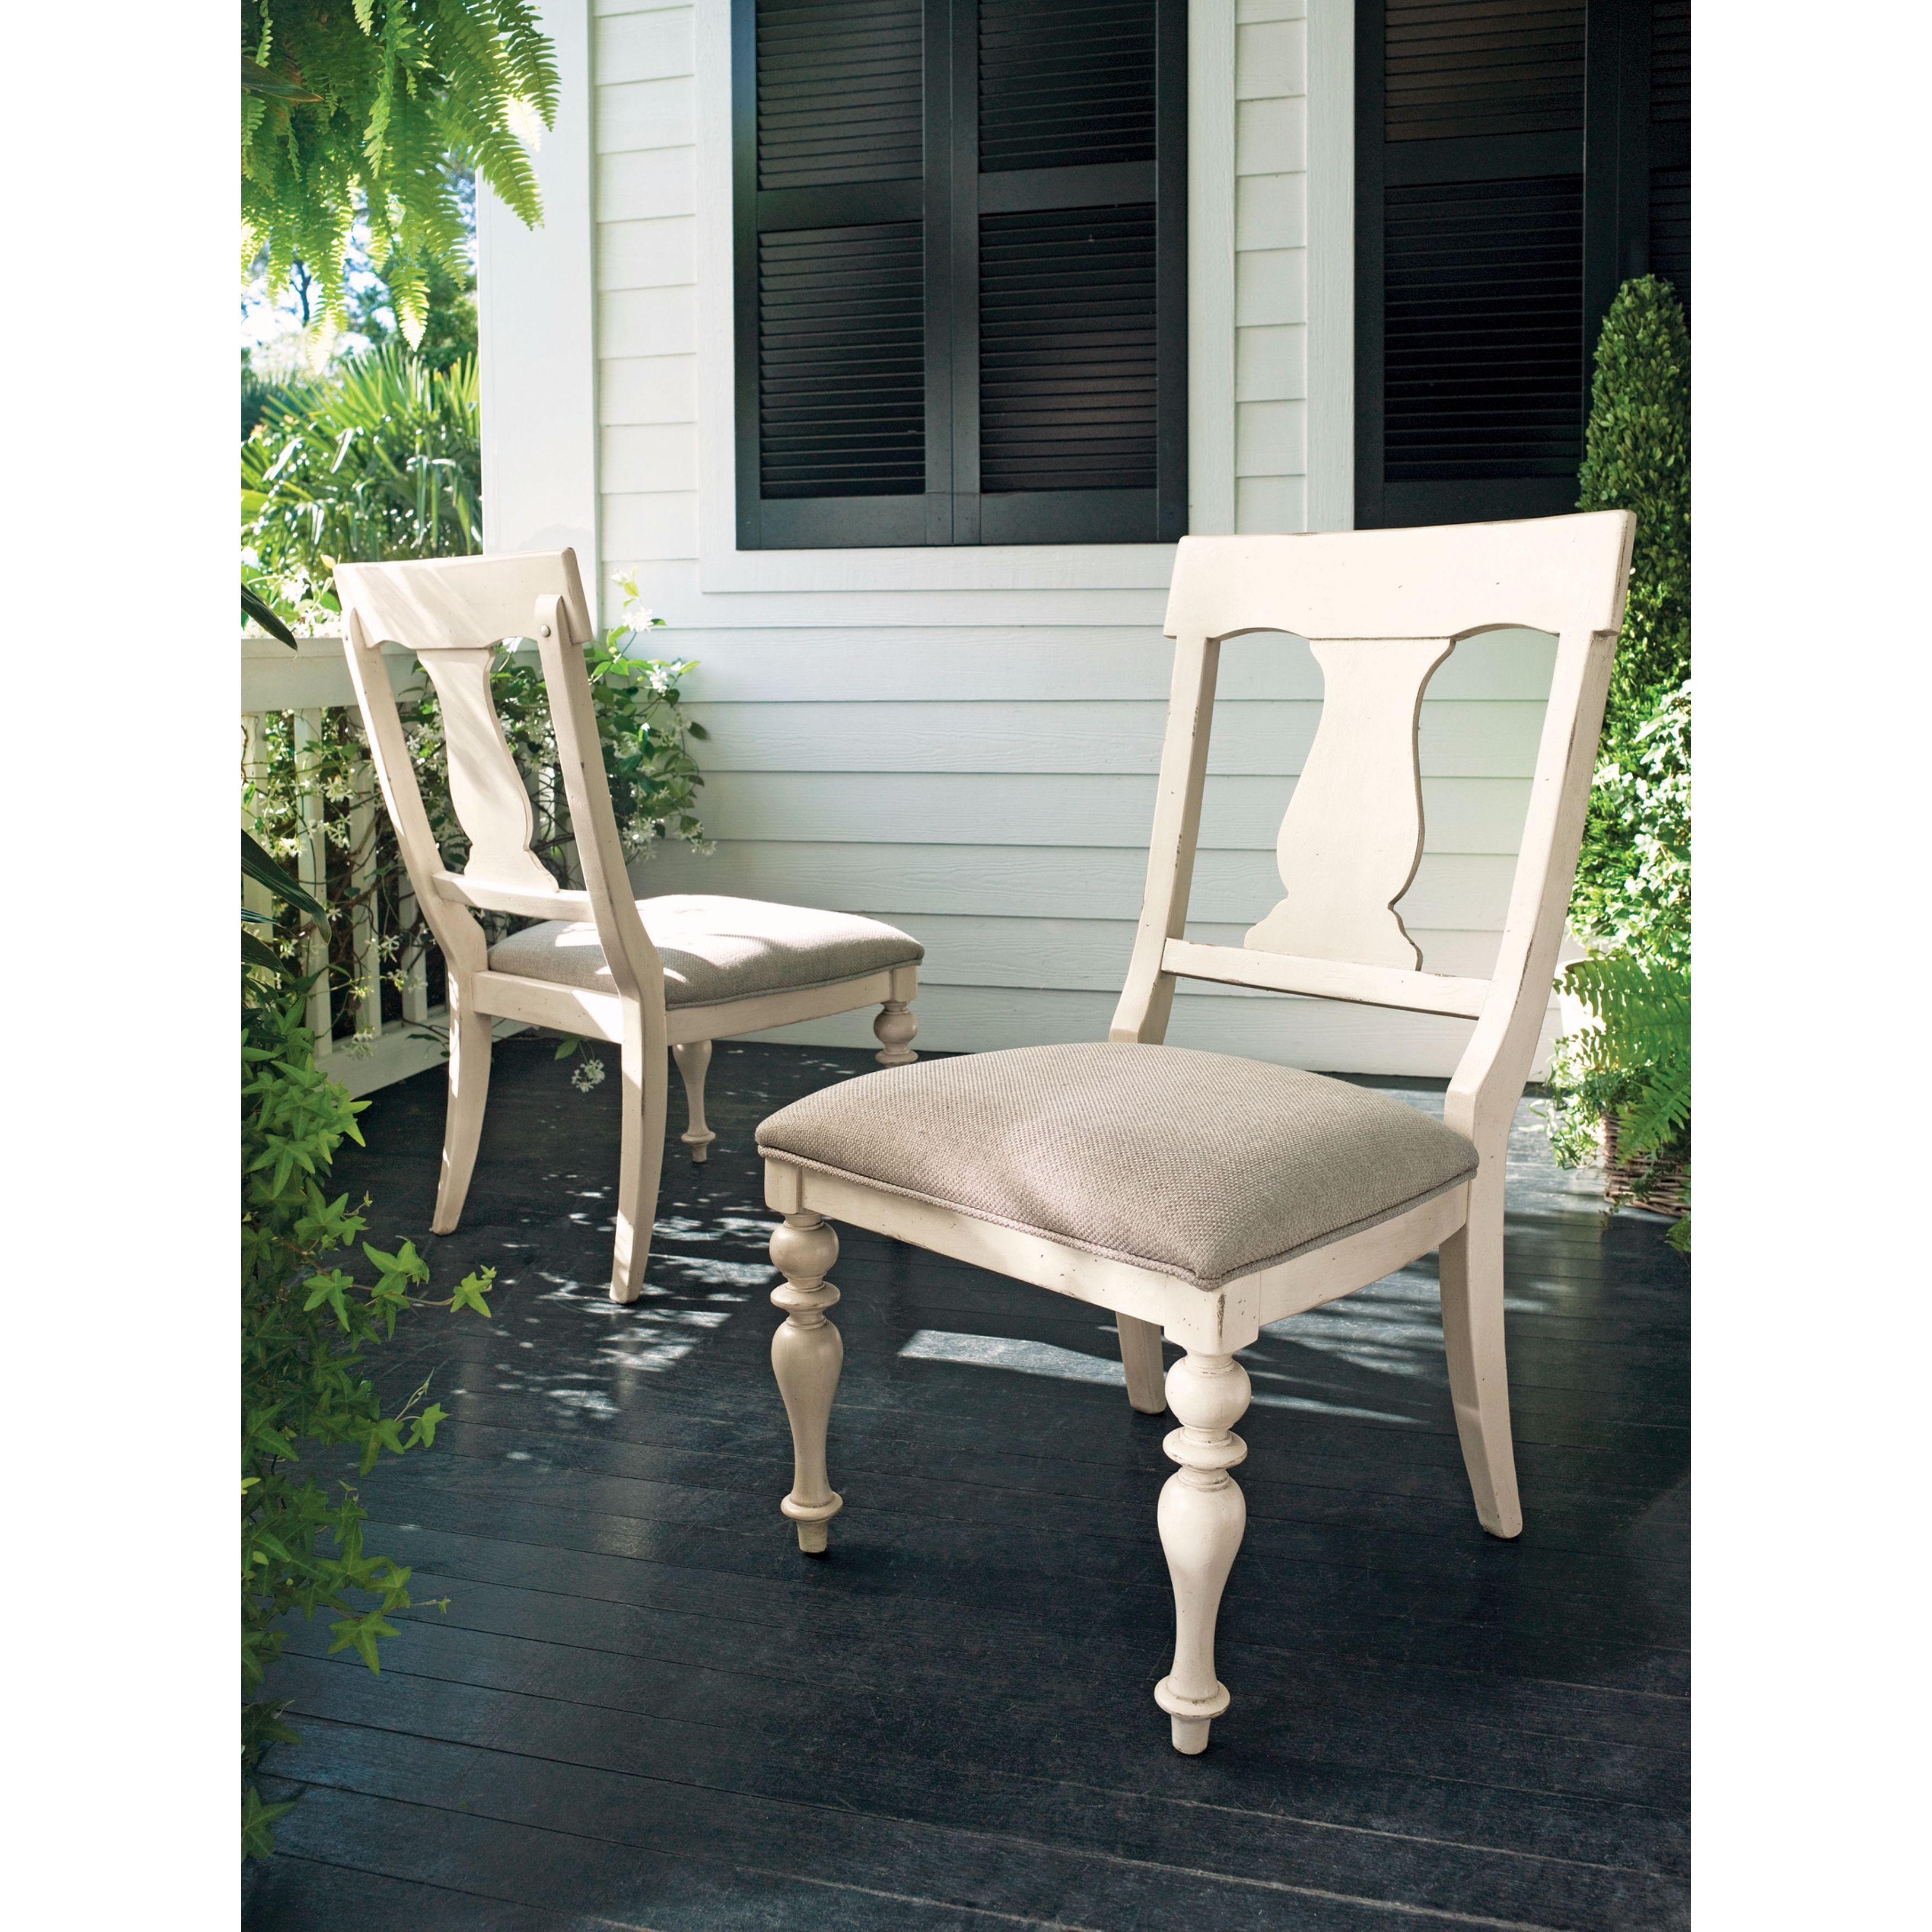 PAULA Deen Home Paula's Side Chair in Linen Finish (Set o...